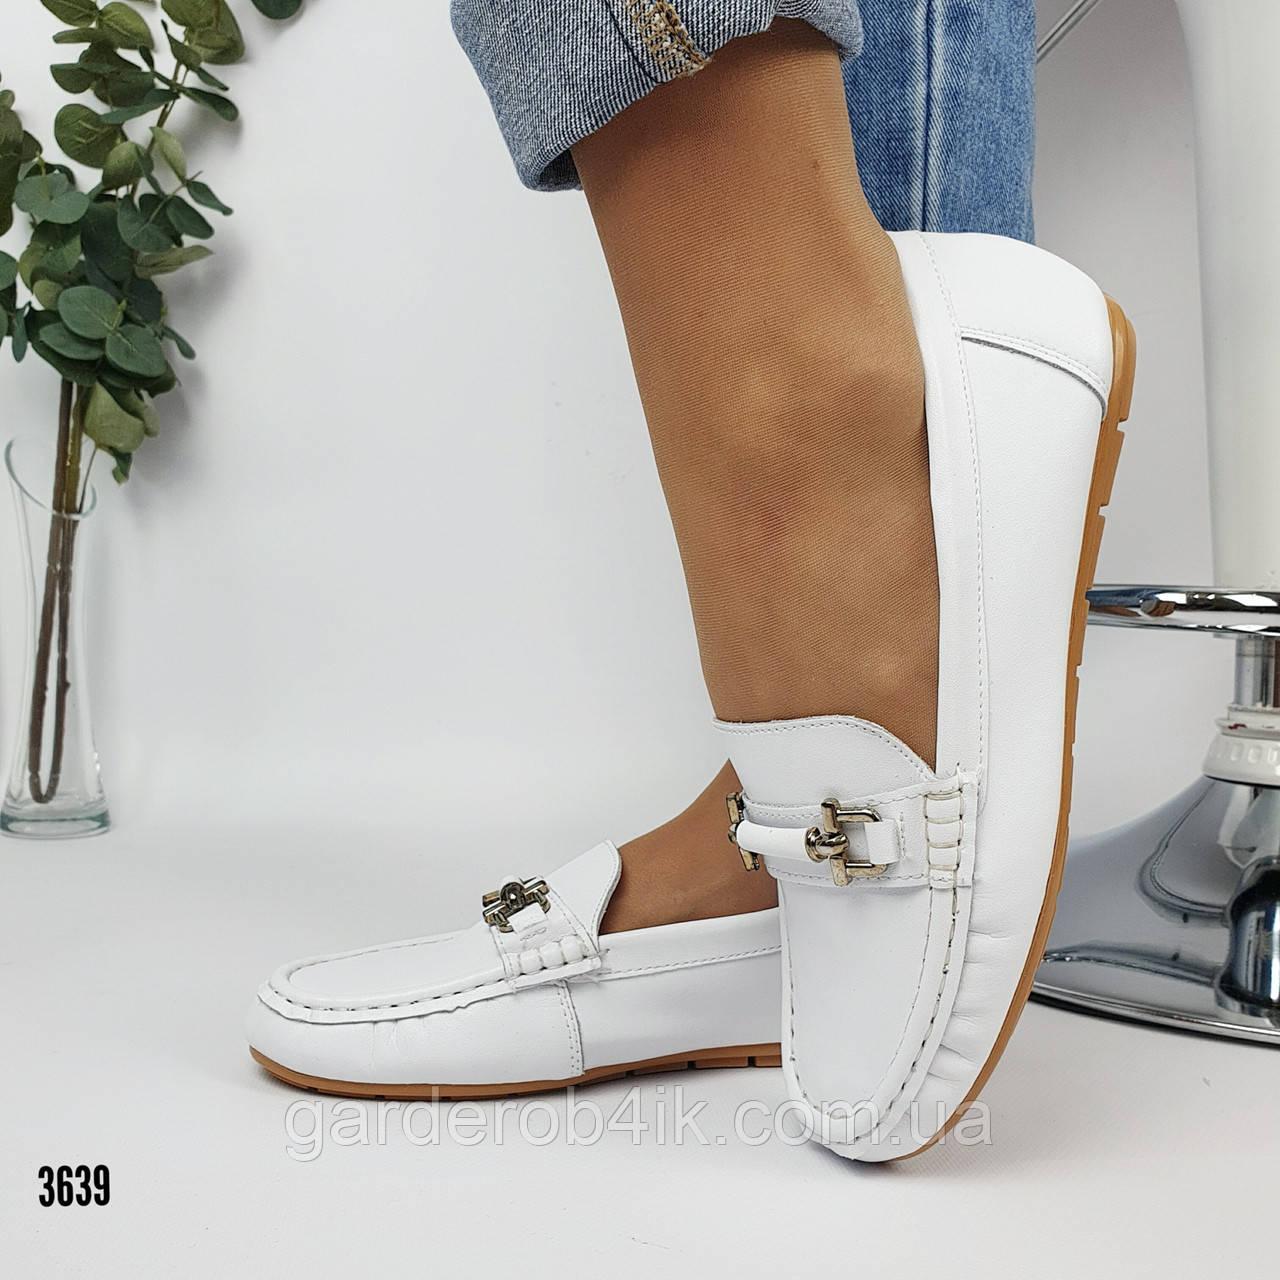 Жіночі туфлі мокасини натуральна шкіра білі